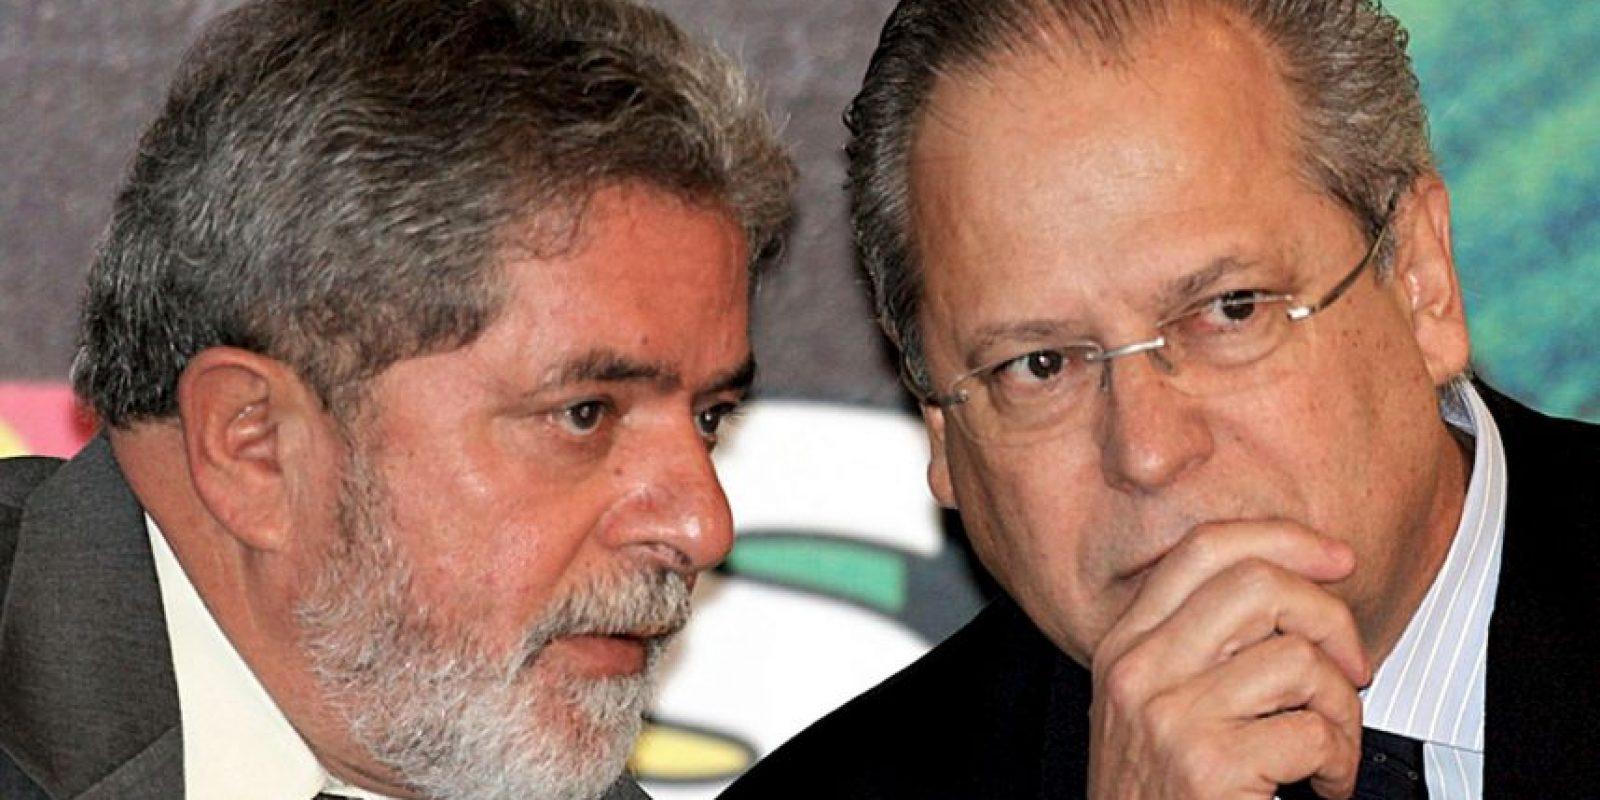 Dirceu se encontraba en arresto domiciliario en su casa por estar relacionado con otro caso de corrupción. Foto:AFP